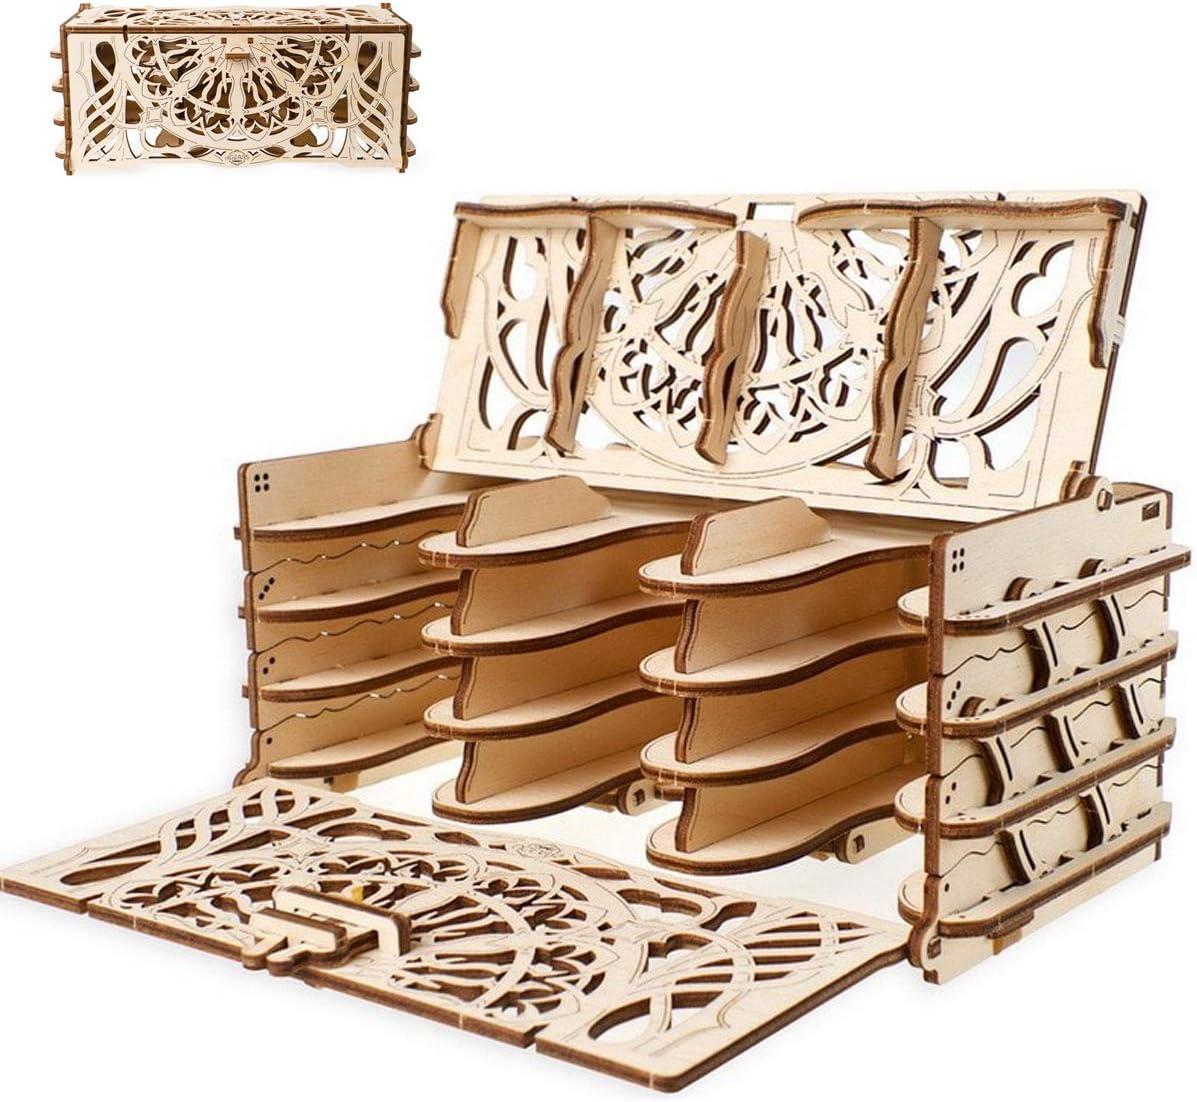 UGEARS Modelo Mecánico Puzzle 3D - Soportes de Juego de Cartas - Card Holder - Caja de Madera Tarjeta de Juego Estuche Funda para 12 Mazo de Naipes Maquetas para Construir Adultos